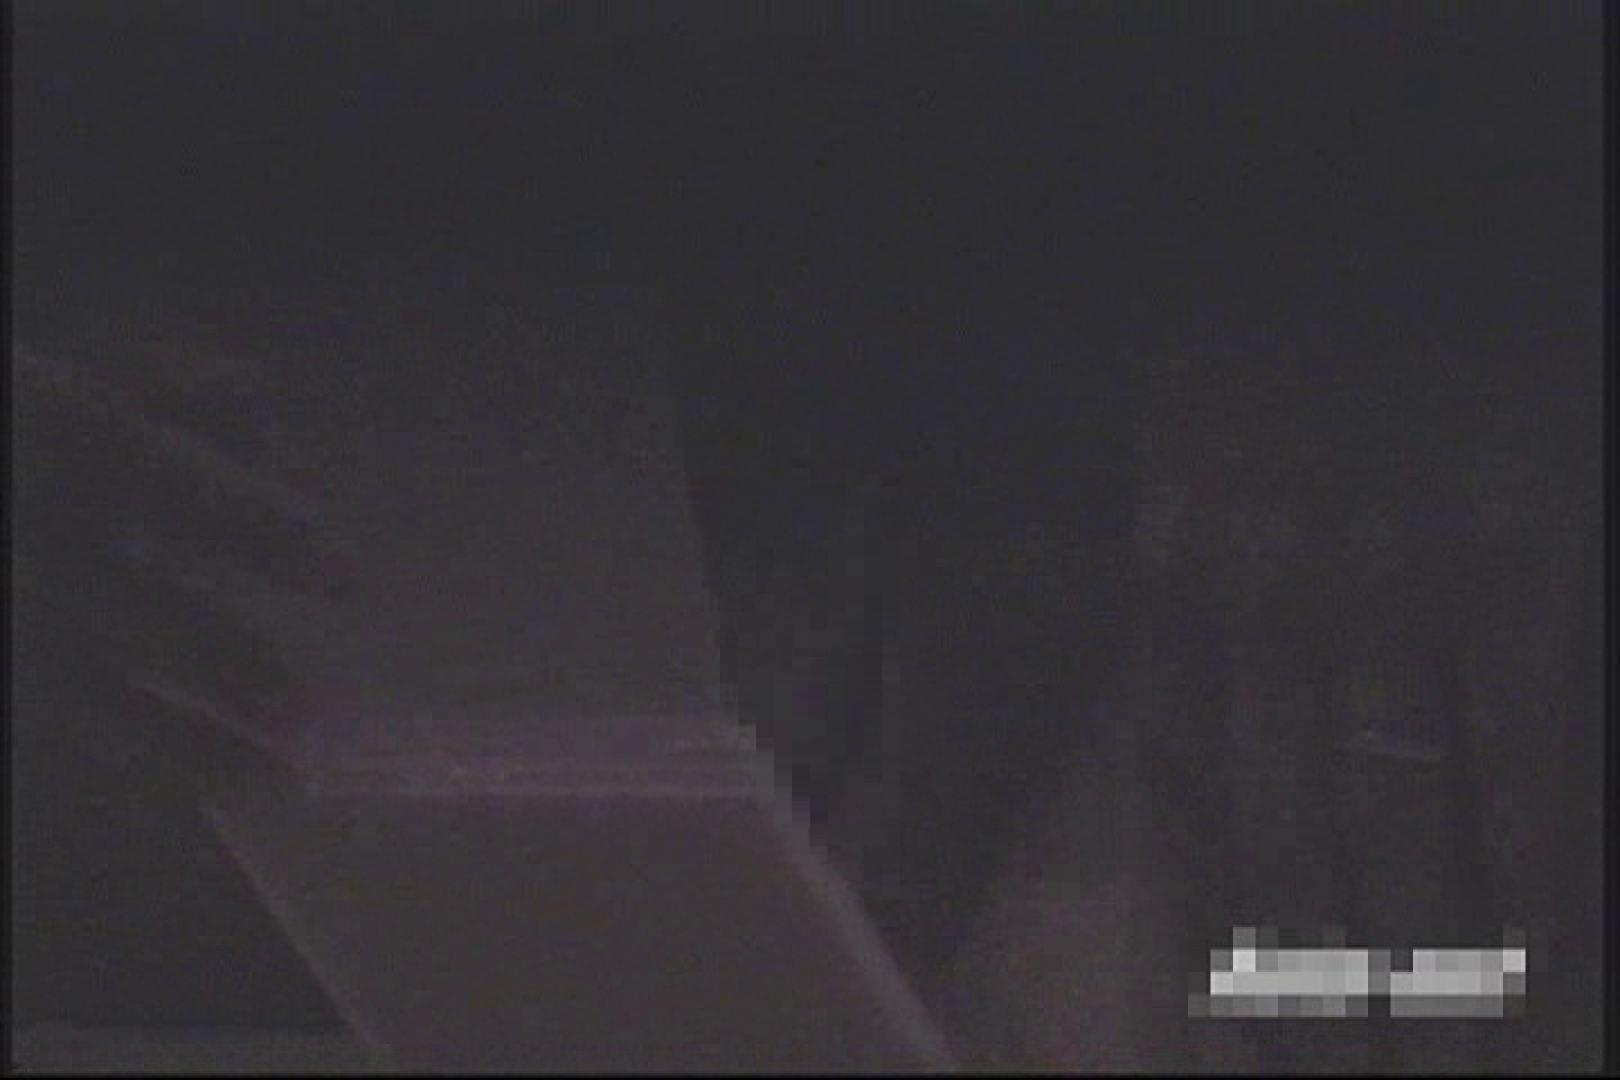 プライベートピーピング 欲求不満な女達Vol.6 女子寮 隠し撮りオマンコ動画紹介 74連発 71